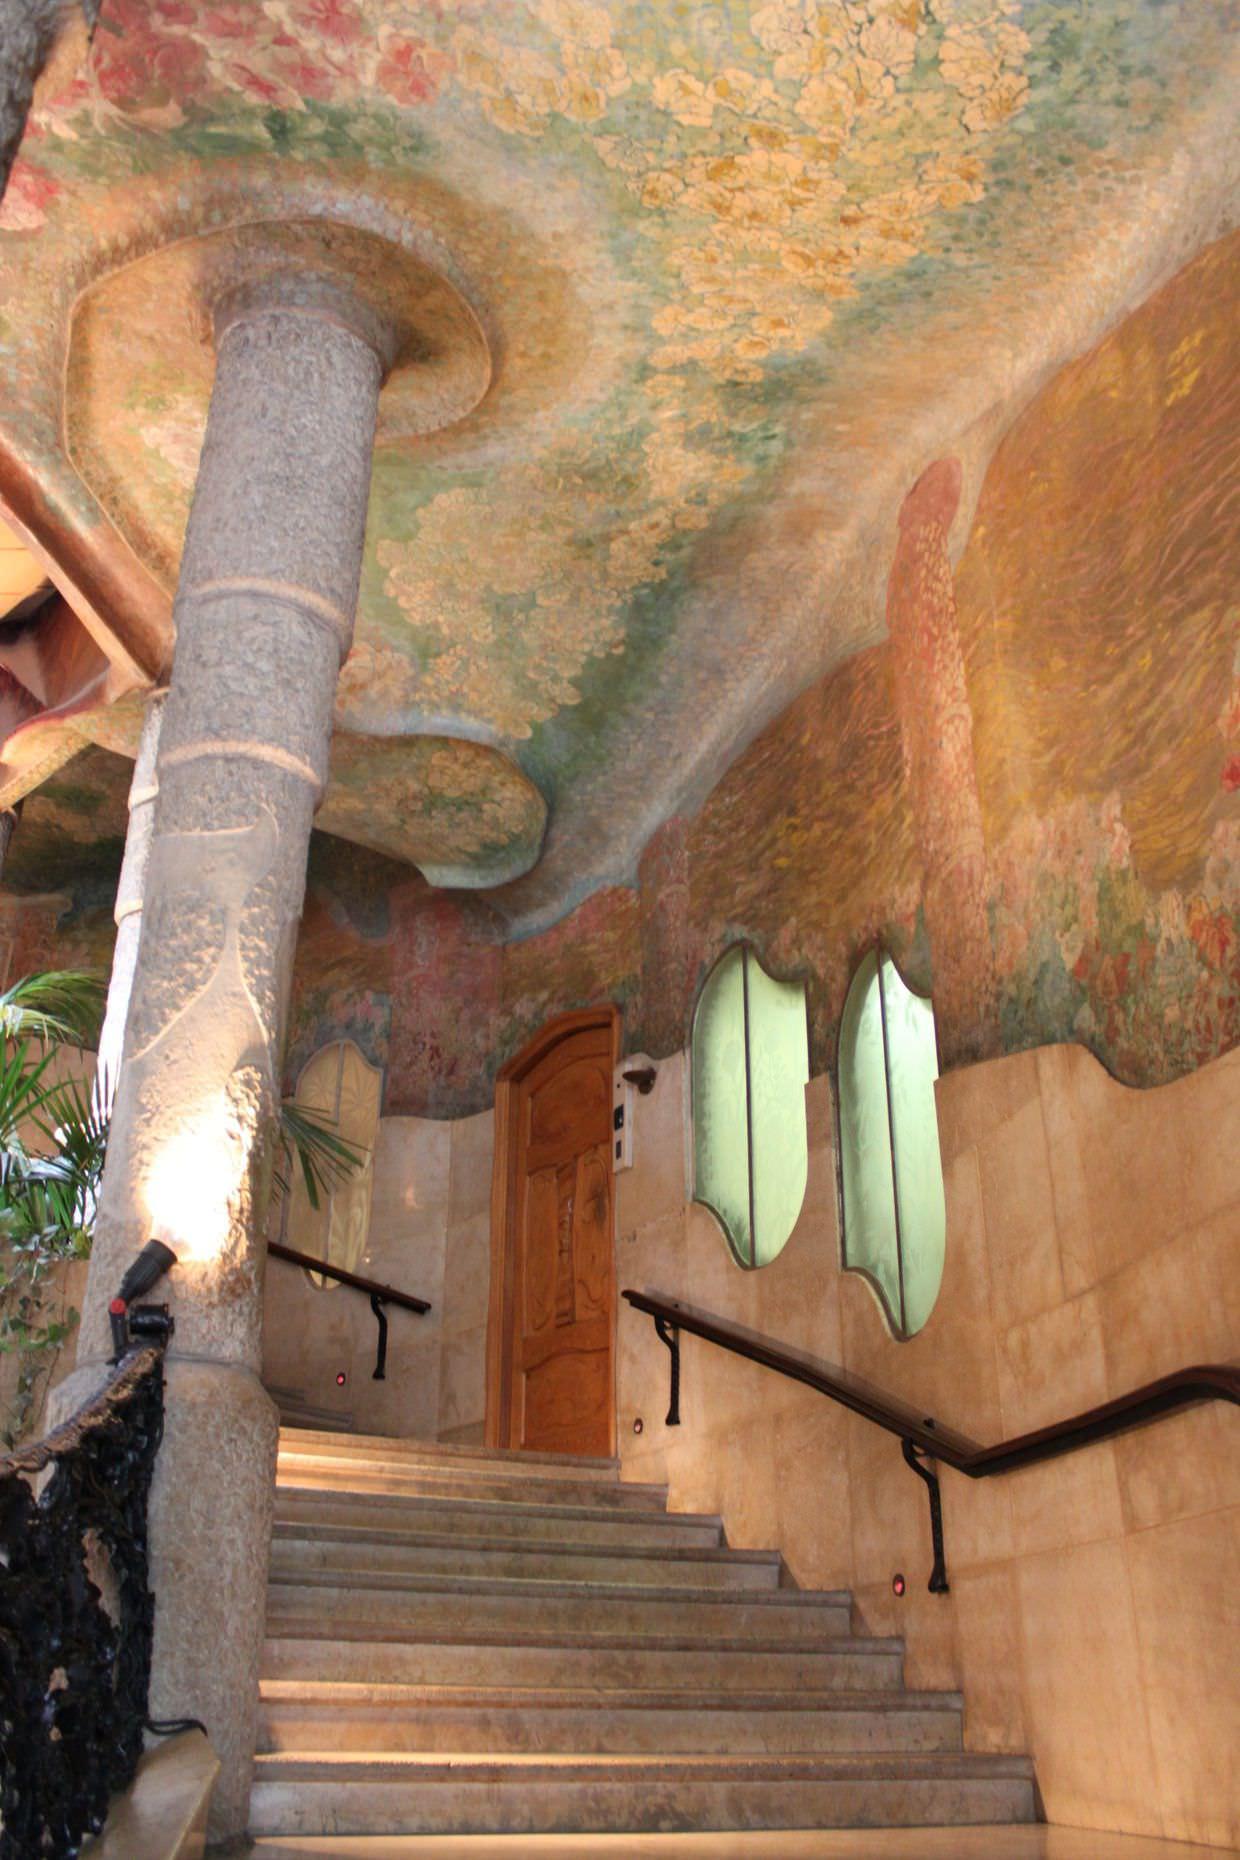 Colourful staircase near La Pedrera entrance